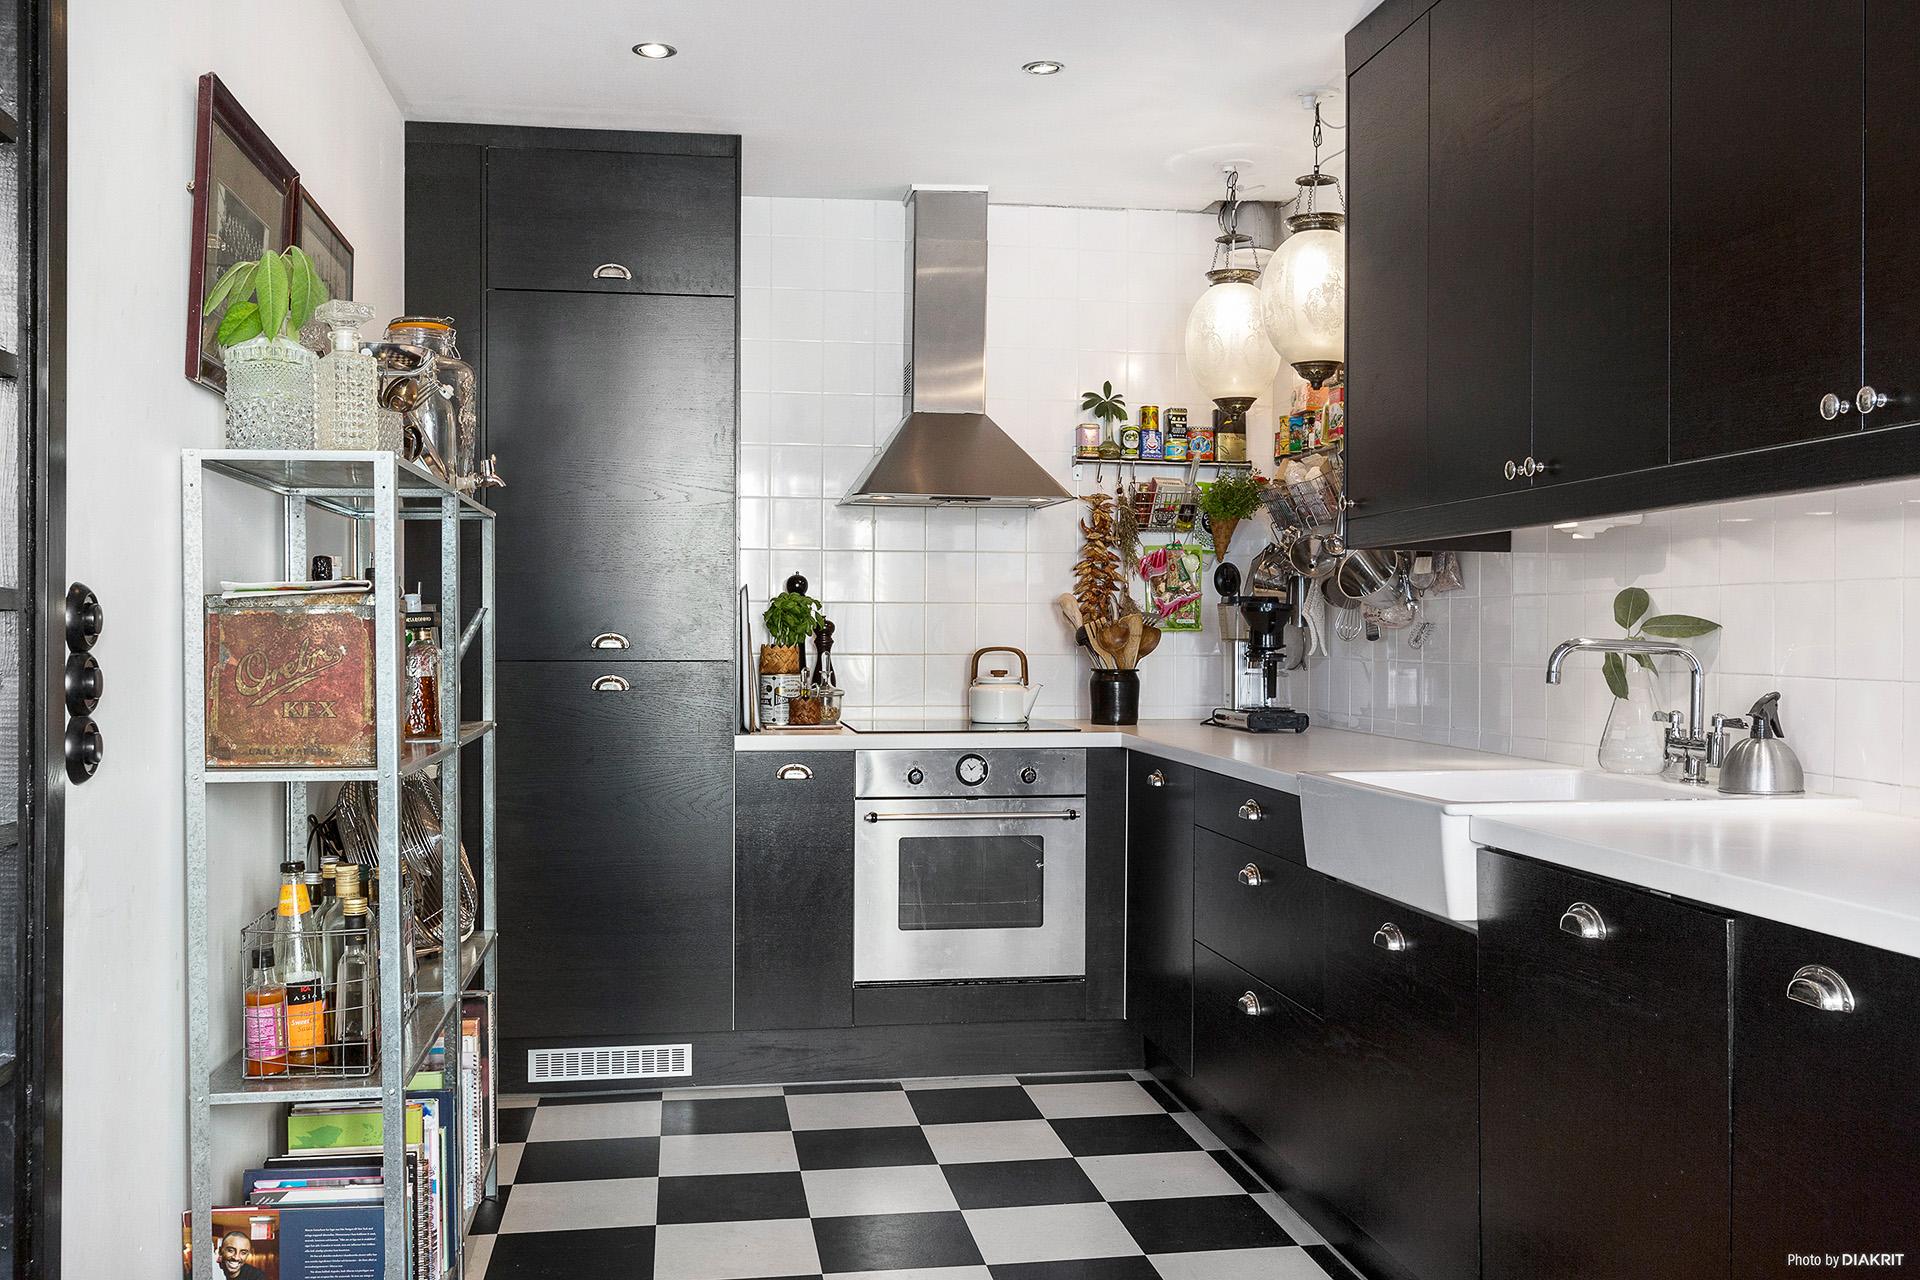 темная кухня стеллаж вытяжка плита